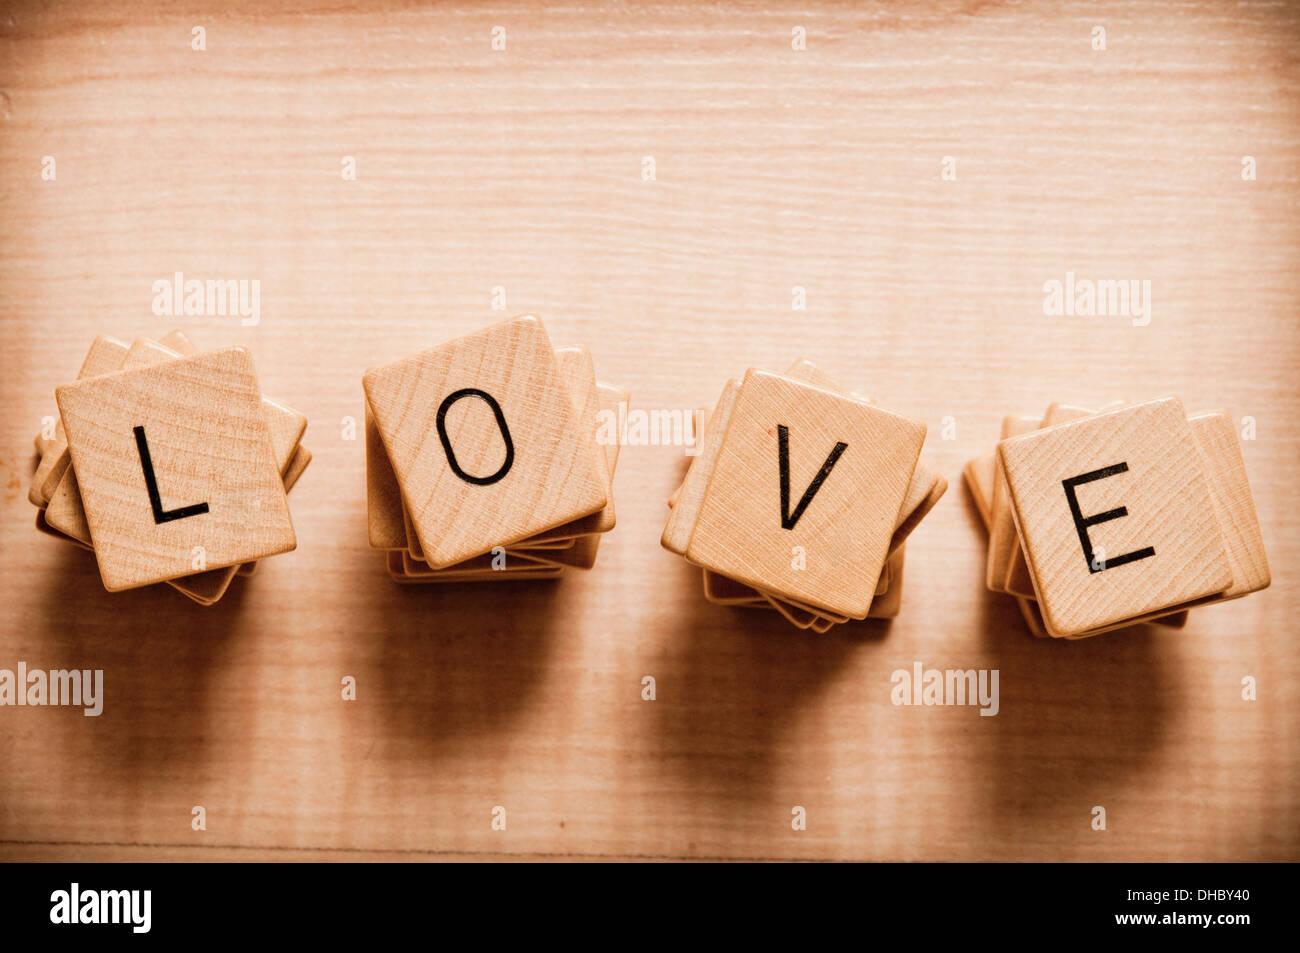 Amore parola scritta con piastrelle di scrabble foto immagine